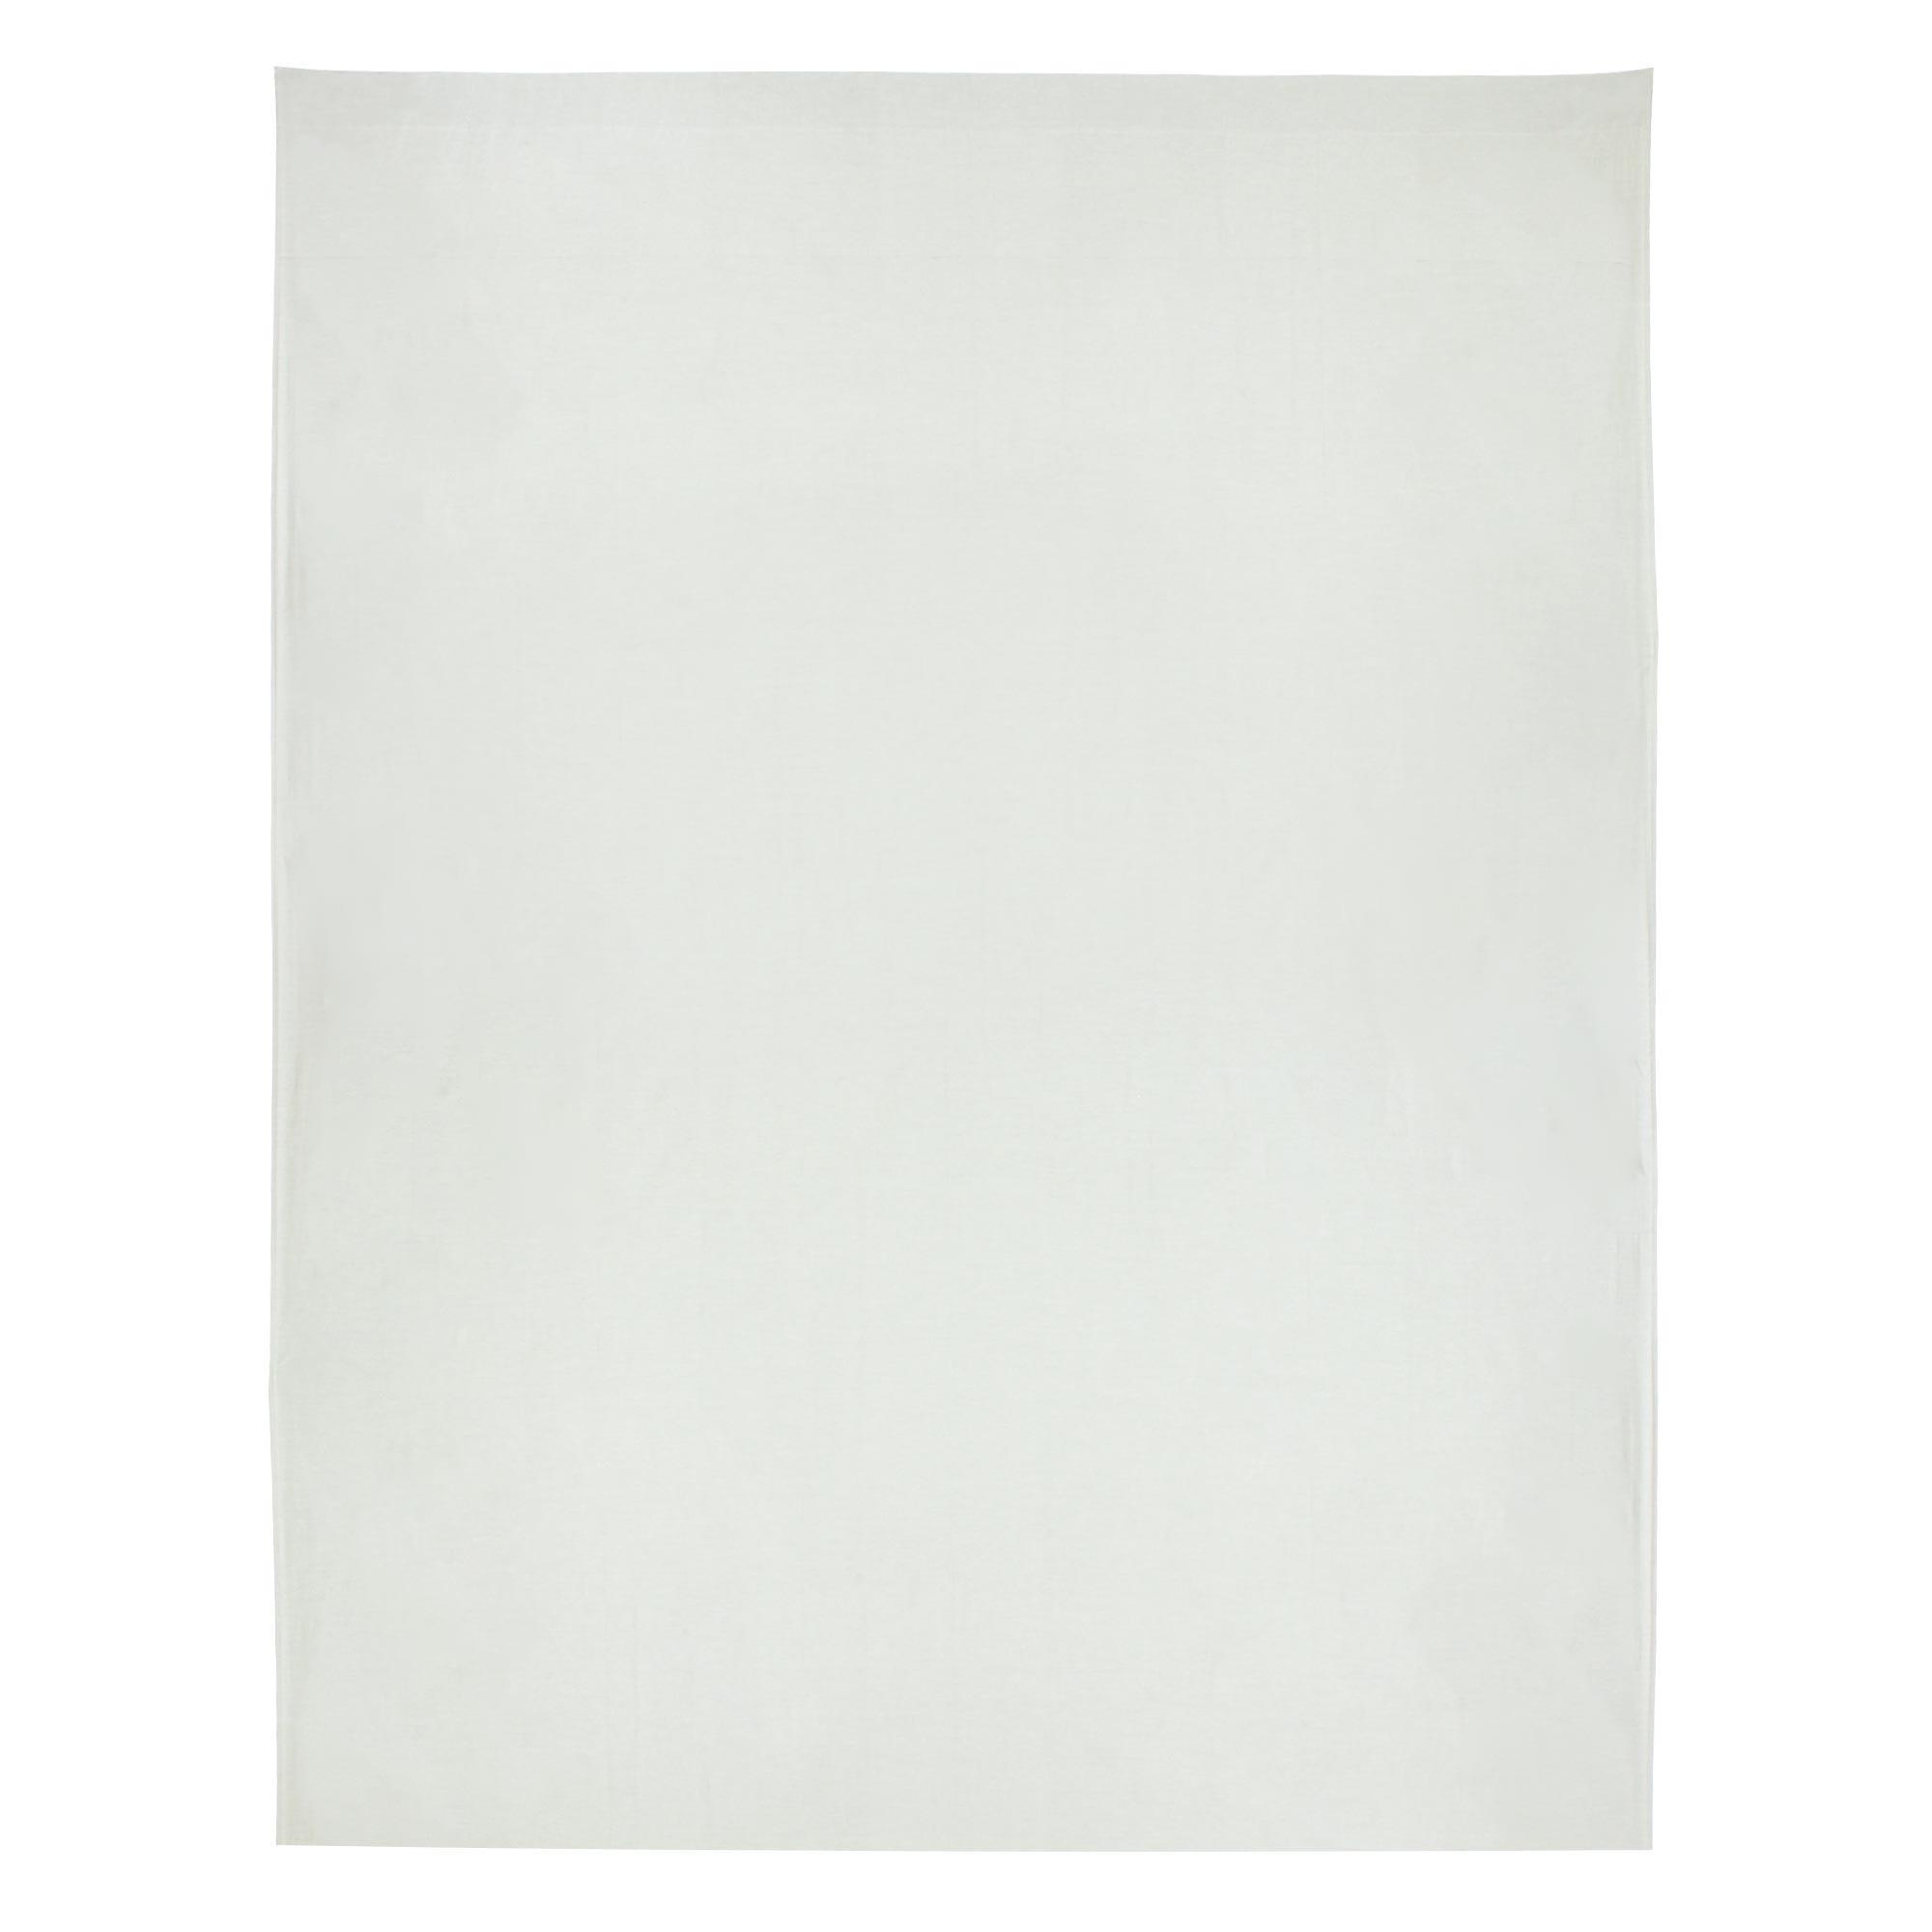 drap plat 270x310 uni satin de coton concorde gris clair ebay. Black Bedroom Furniture Sets. Home Design Ideas